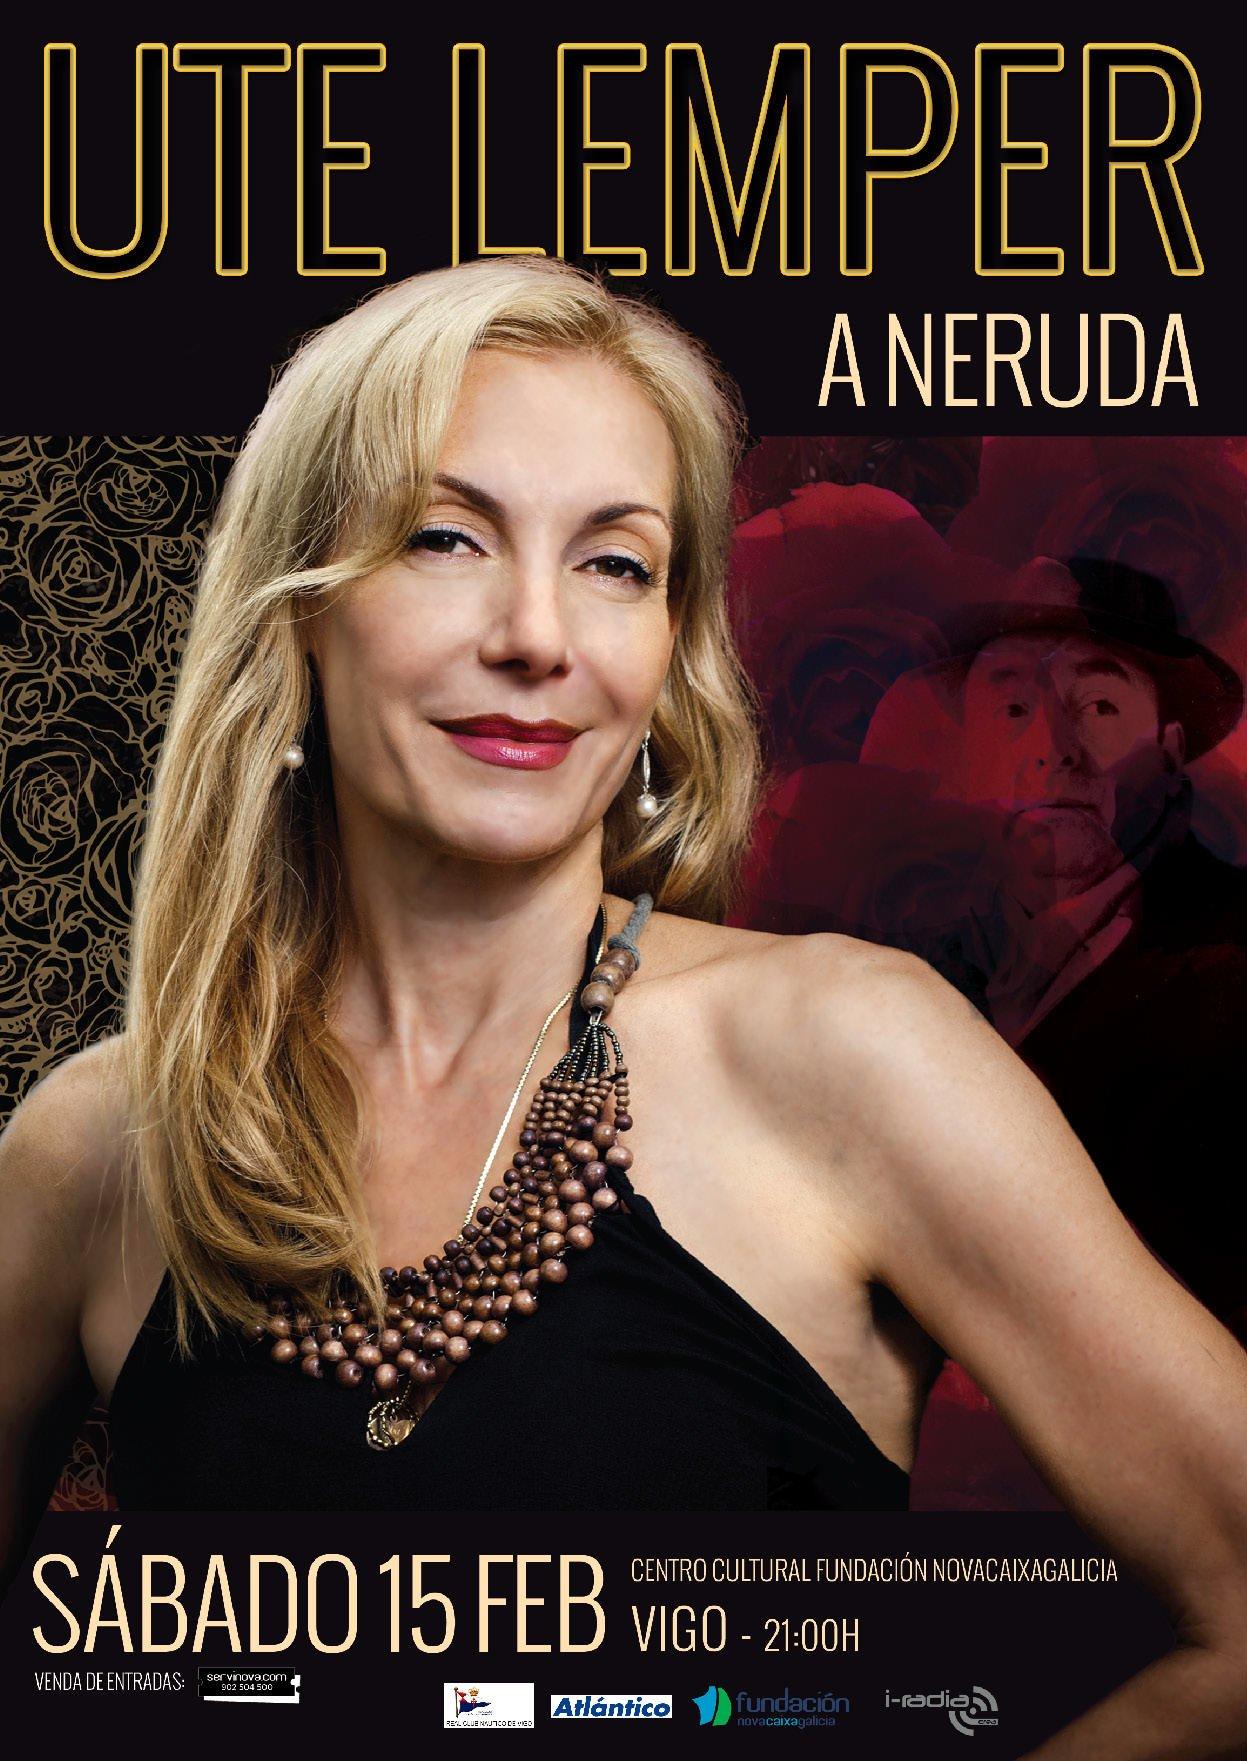 Ute Lemper canta a Pablo Neruda